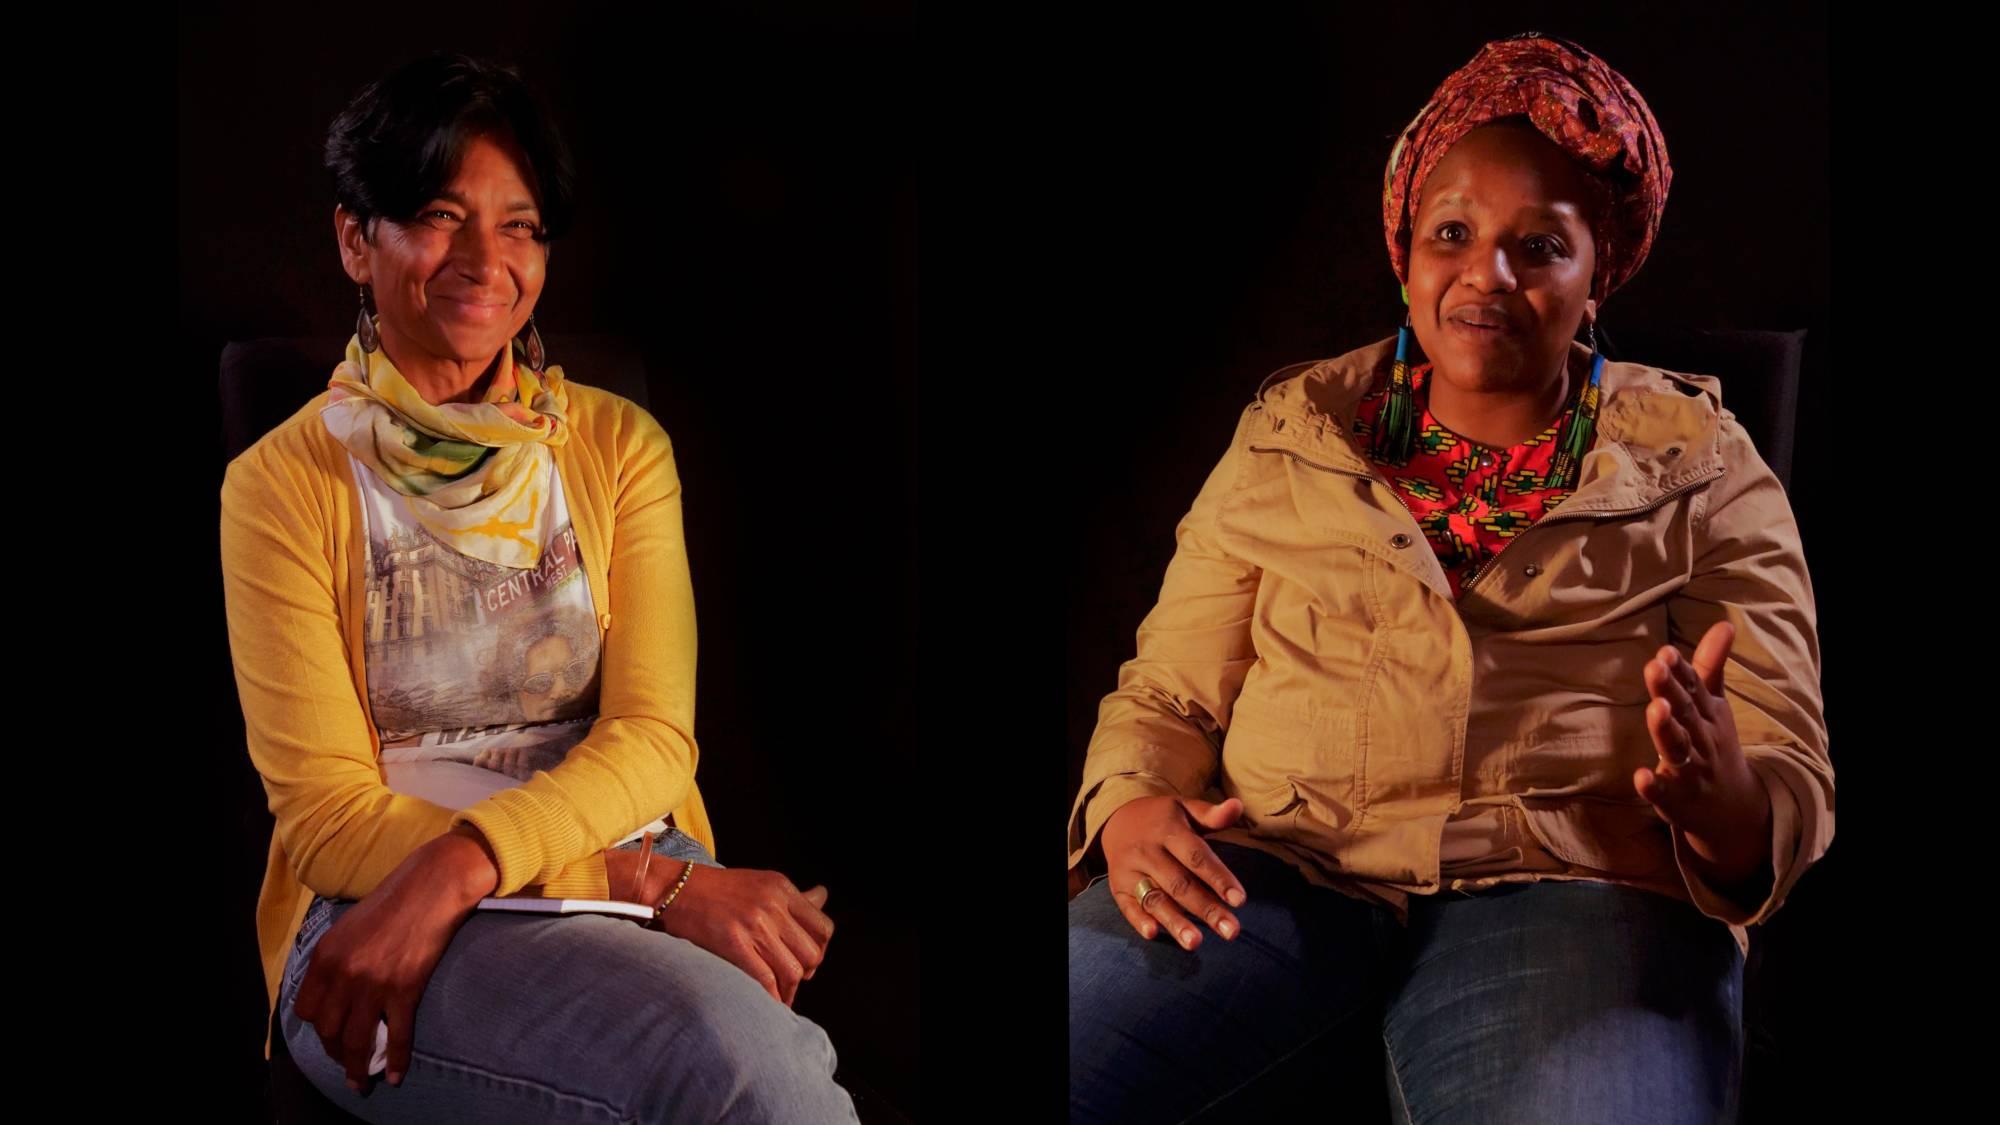 Sharon & Hlengiwe, Mageliesburg, Südafrika, Mai 2018 (Videostill: Benno Seidel)